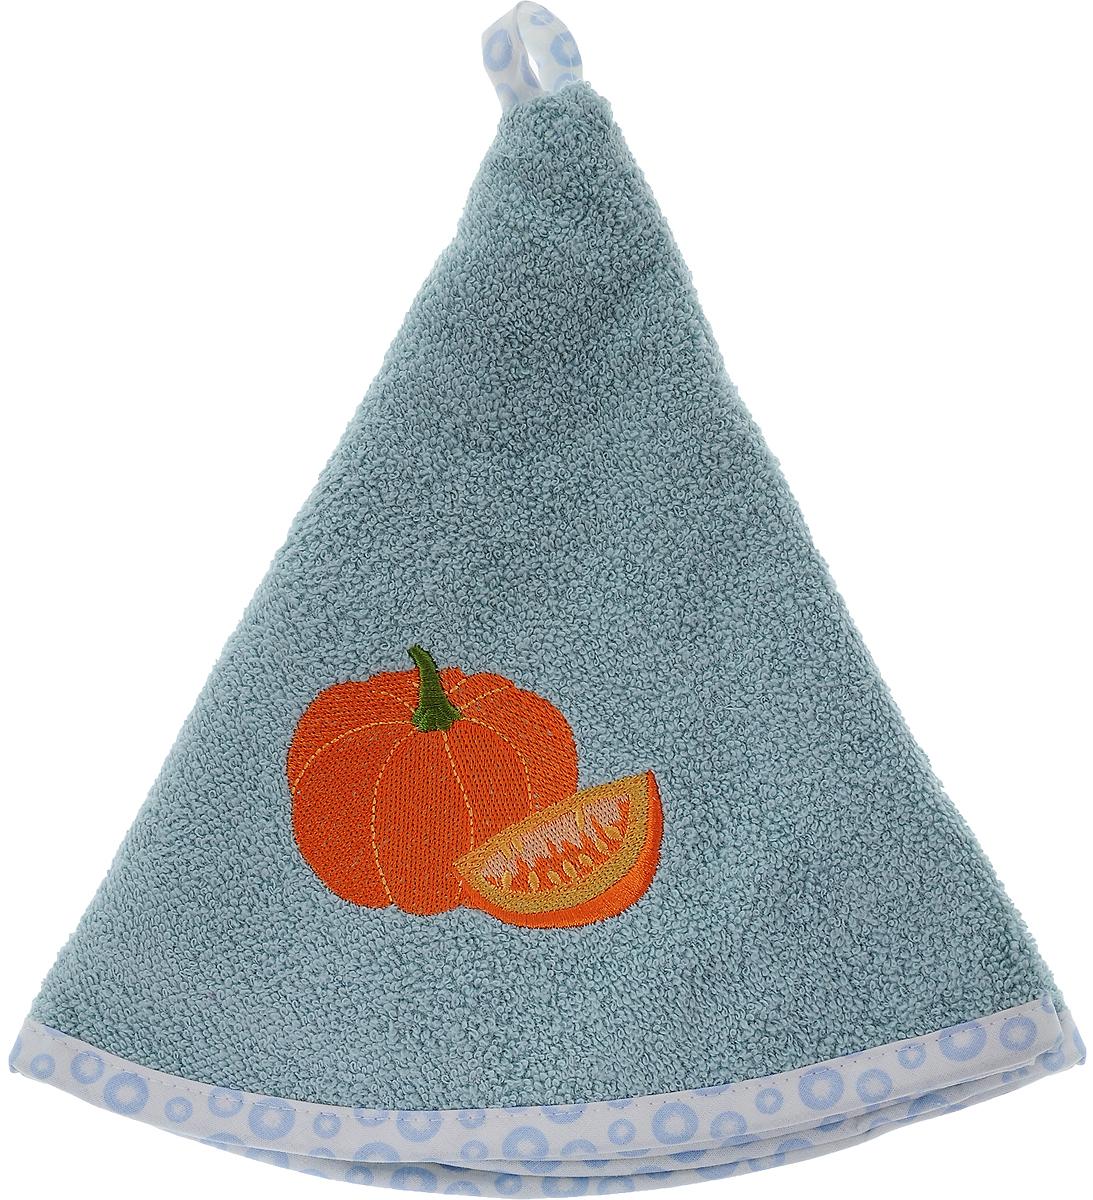 Полотенце кухонное Karna Zelina. Тыква, цвет: серо-голубой, оранжевый, диаметр 50 см салфетка кухонная karna bella диаметр 50 см 505 char003